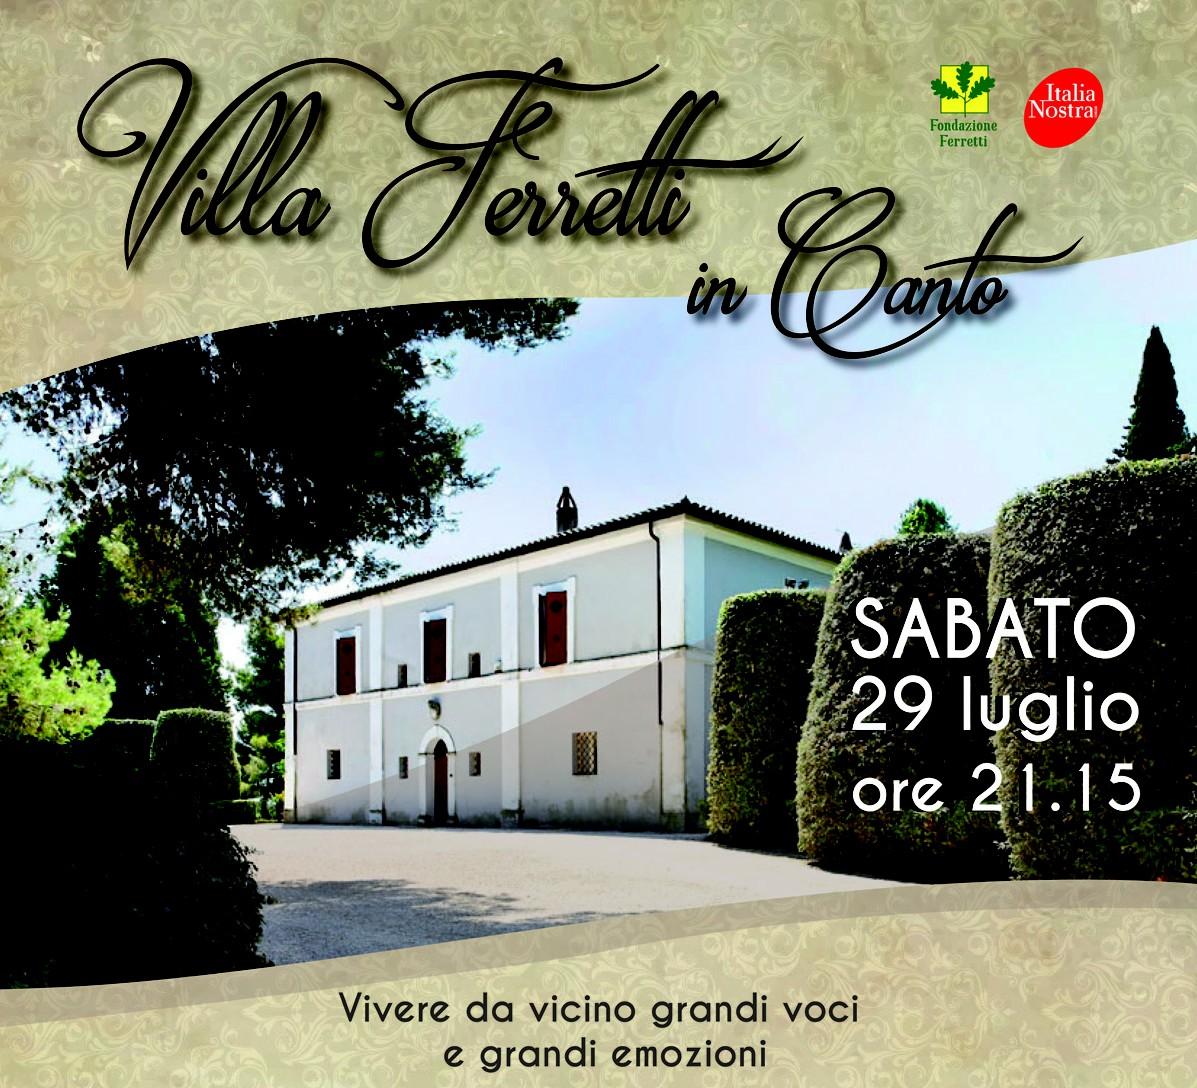 Villa Ferretti in Canto, prevendite in corso